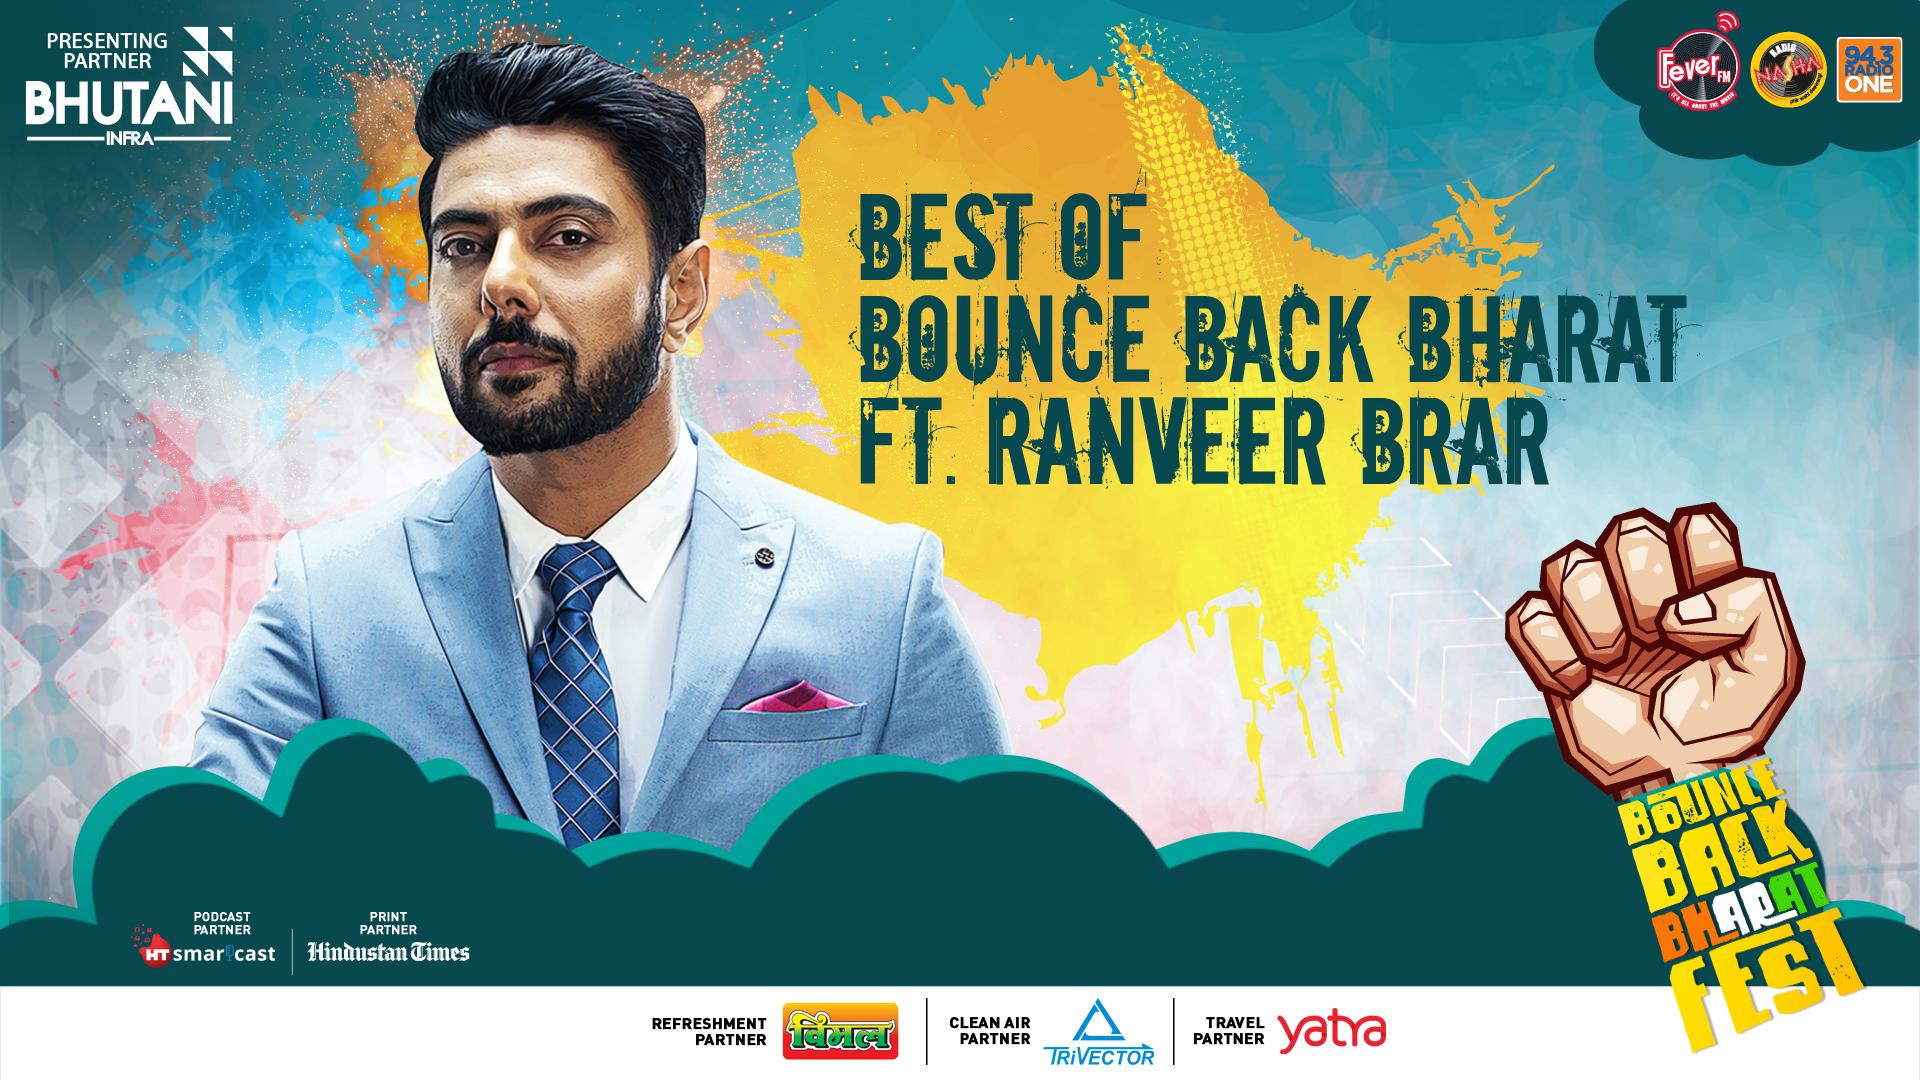 Ranveer BRAR ON BOUNCE BACK BHARAT FEST